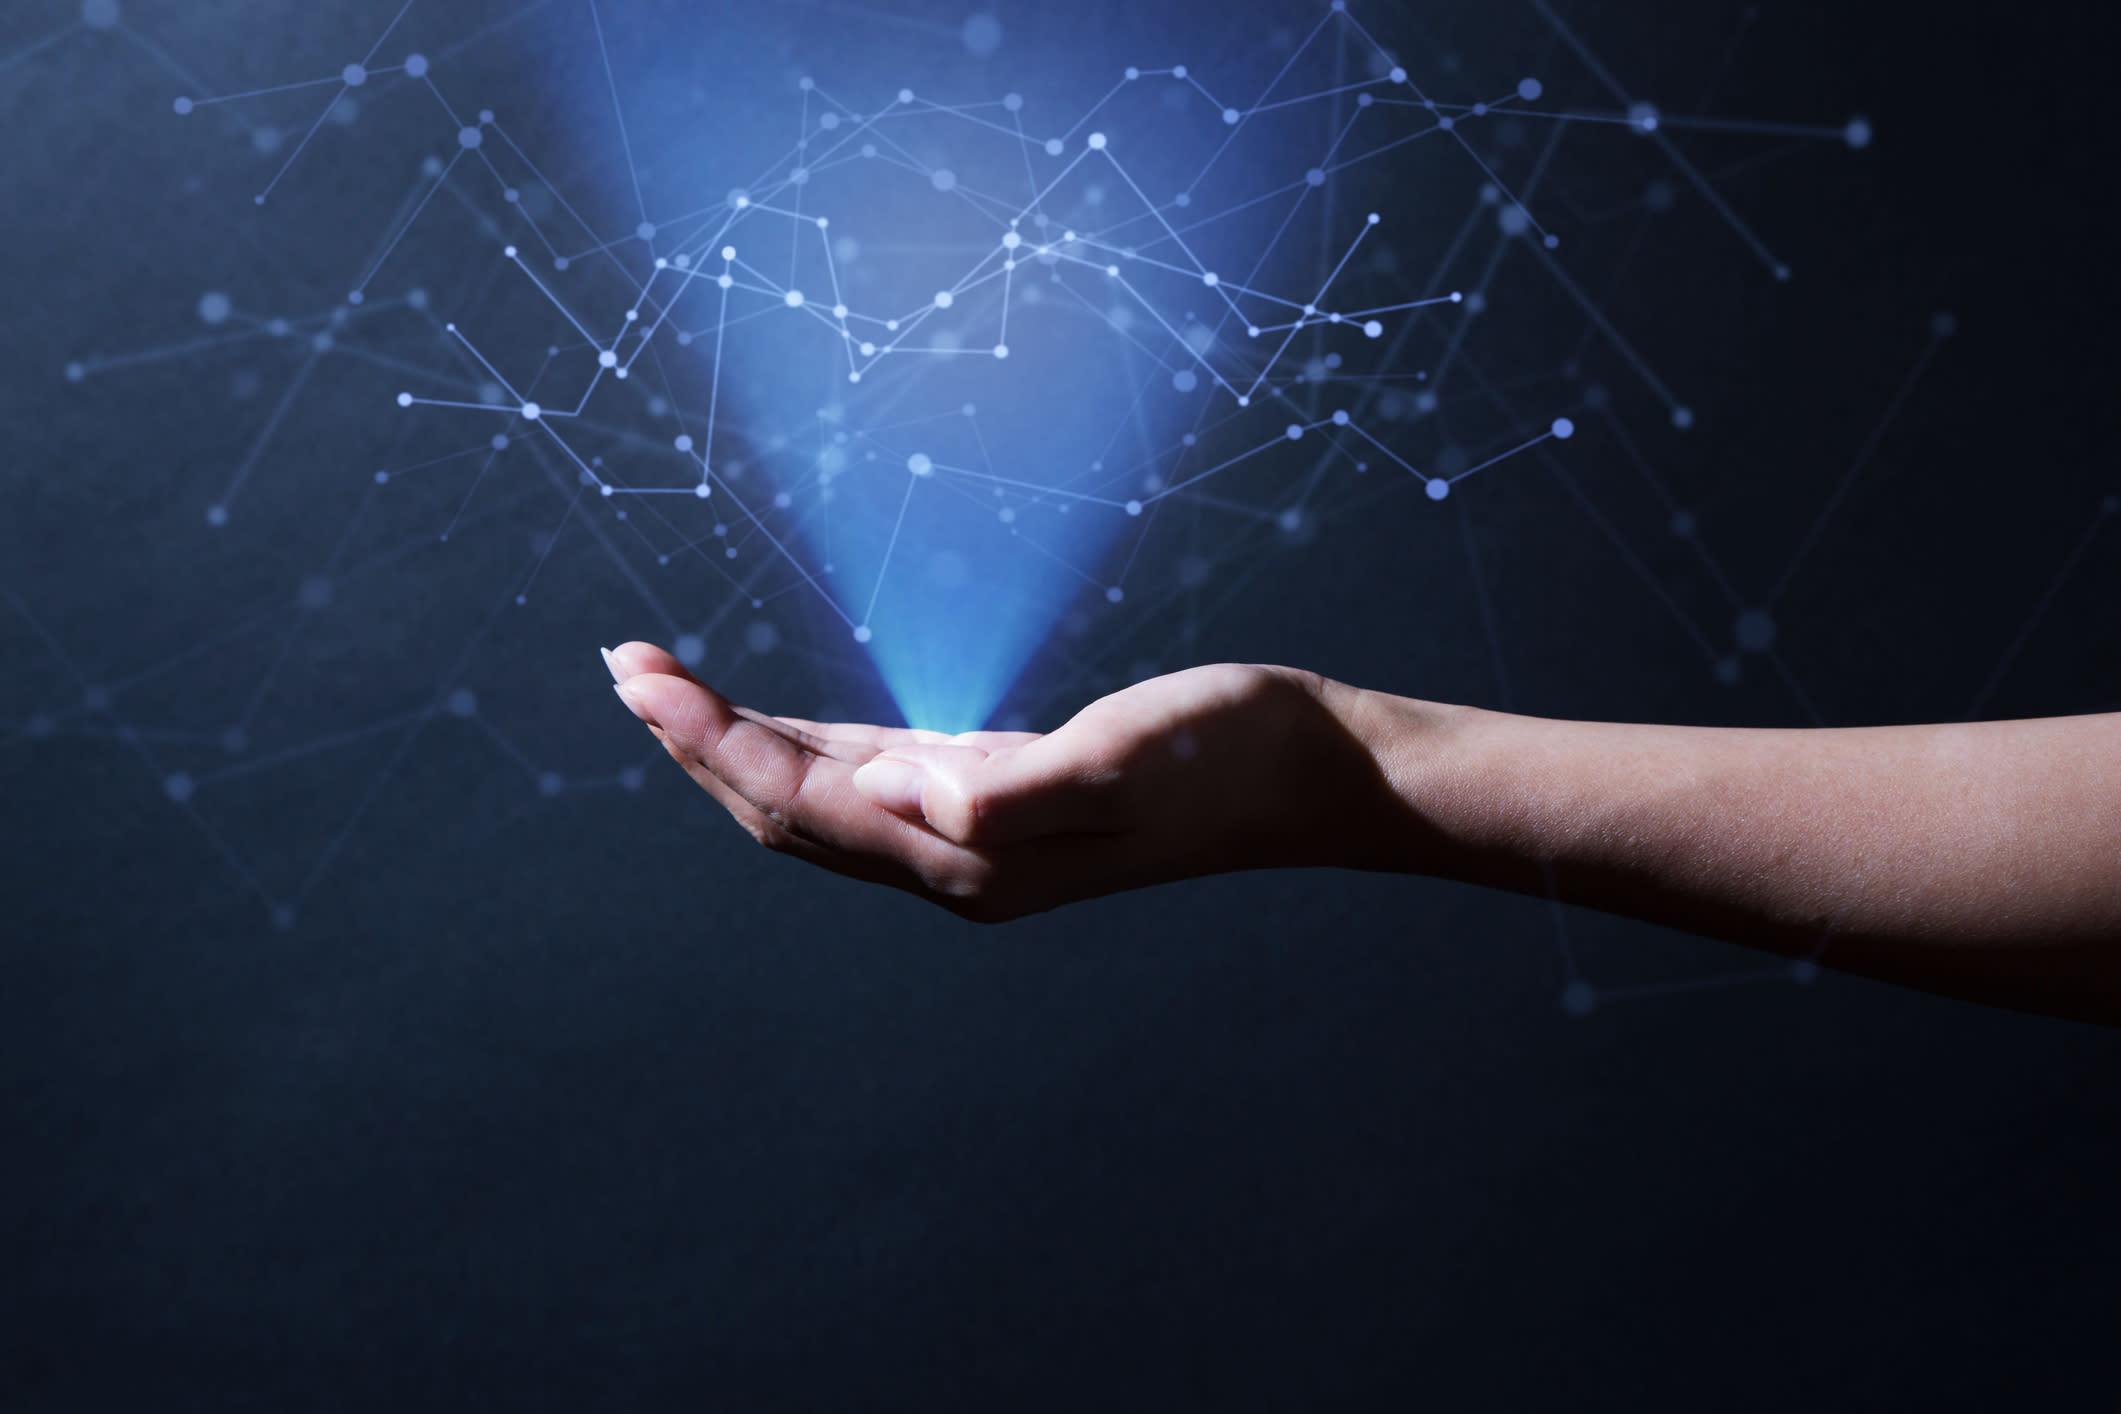 Digital big data